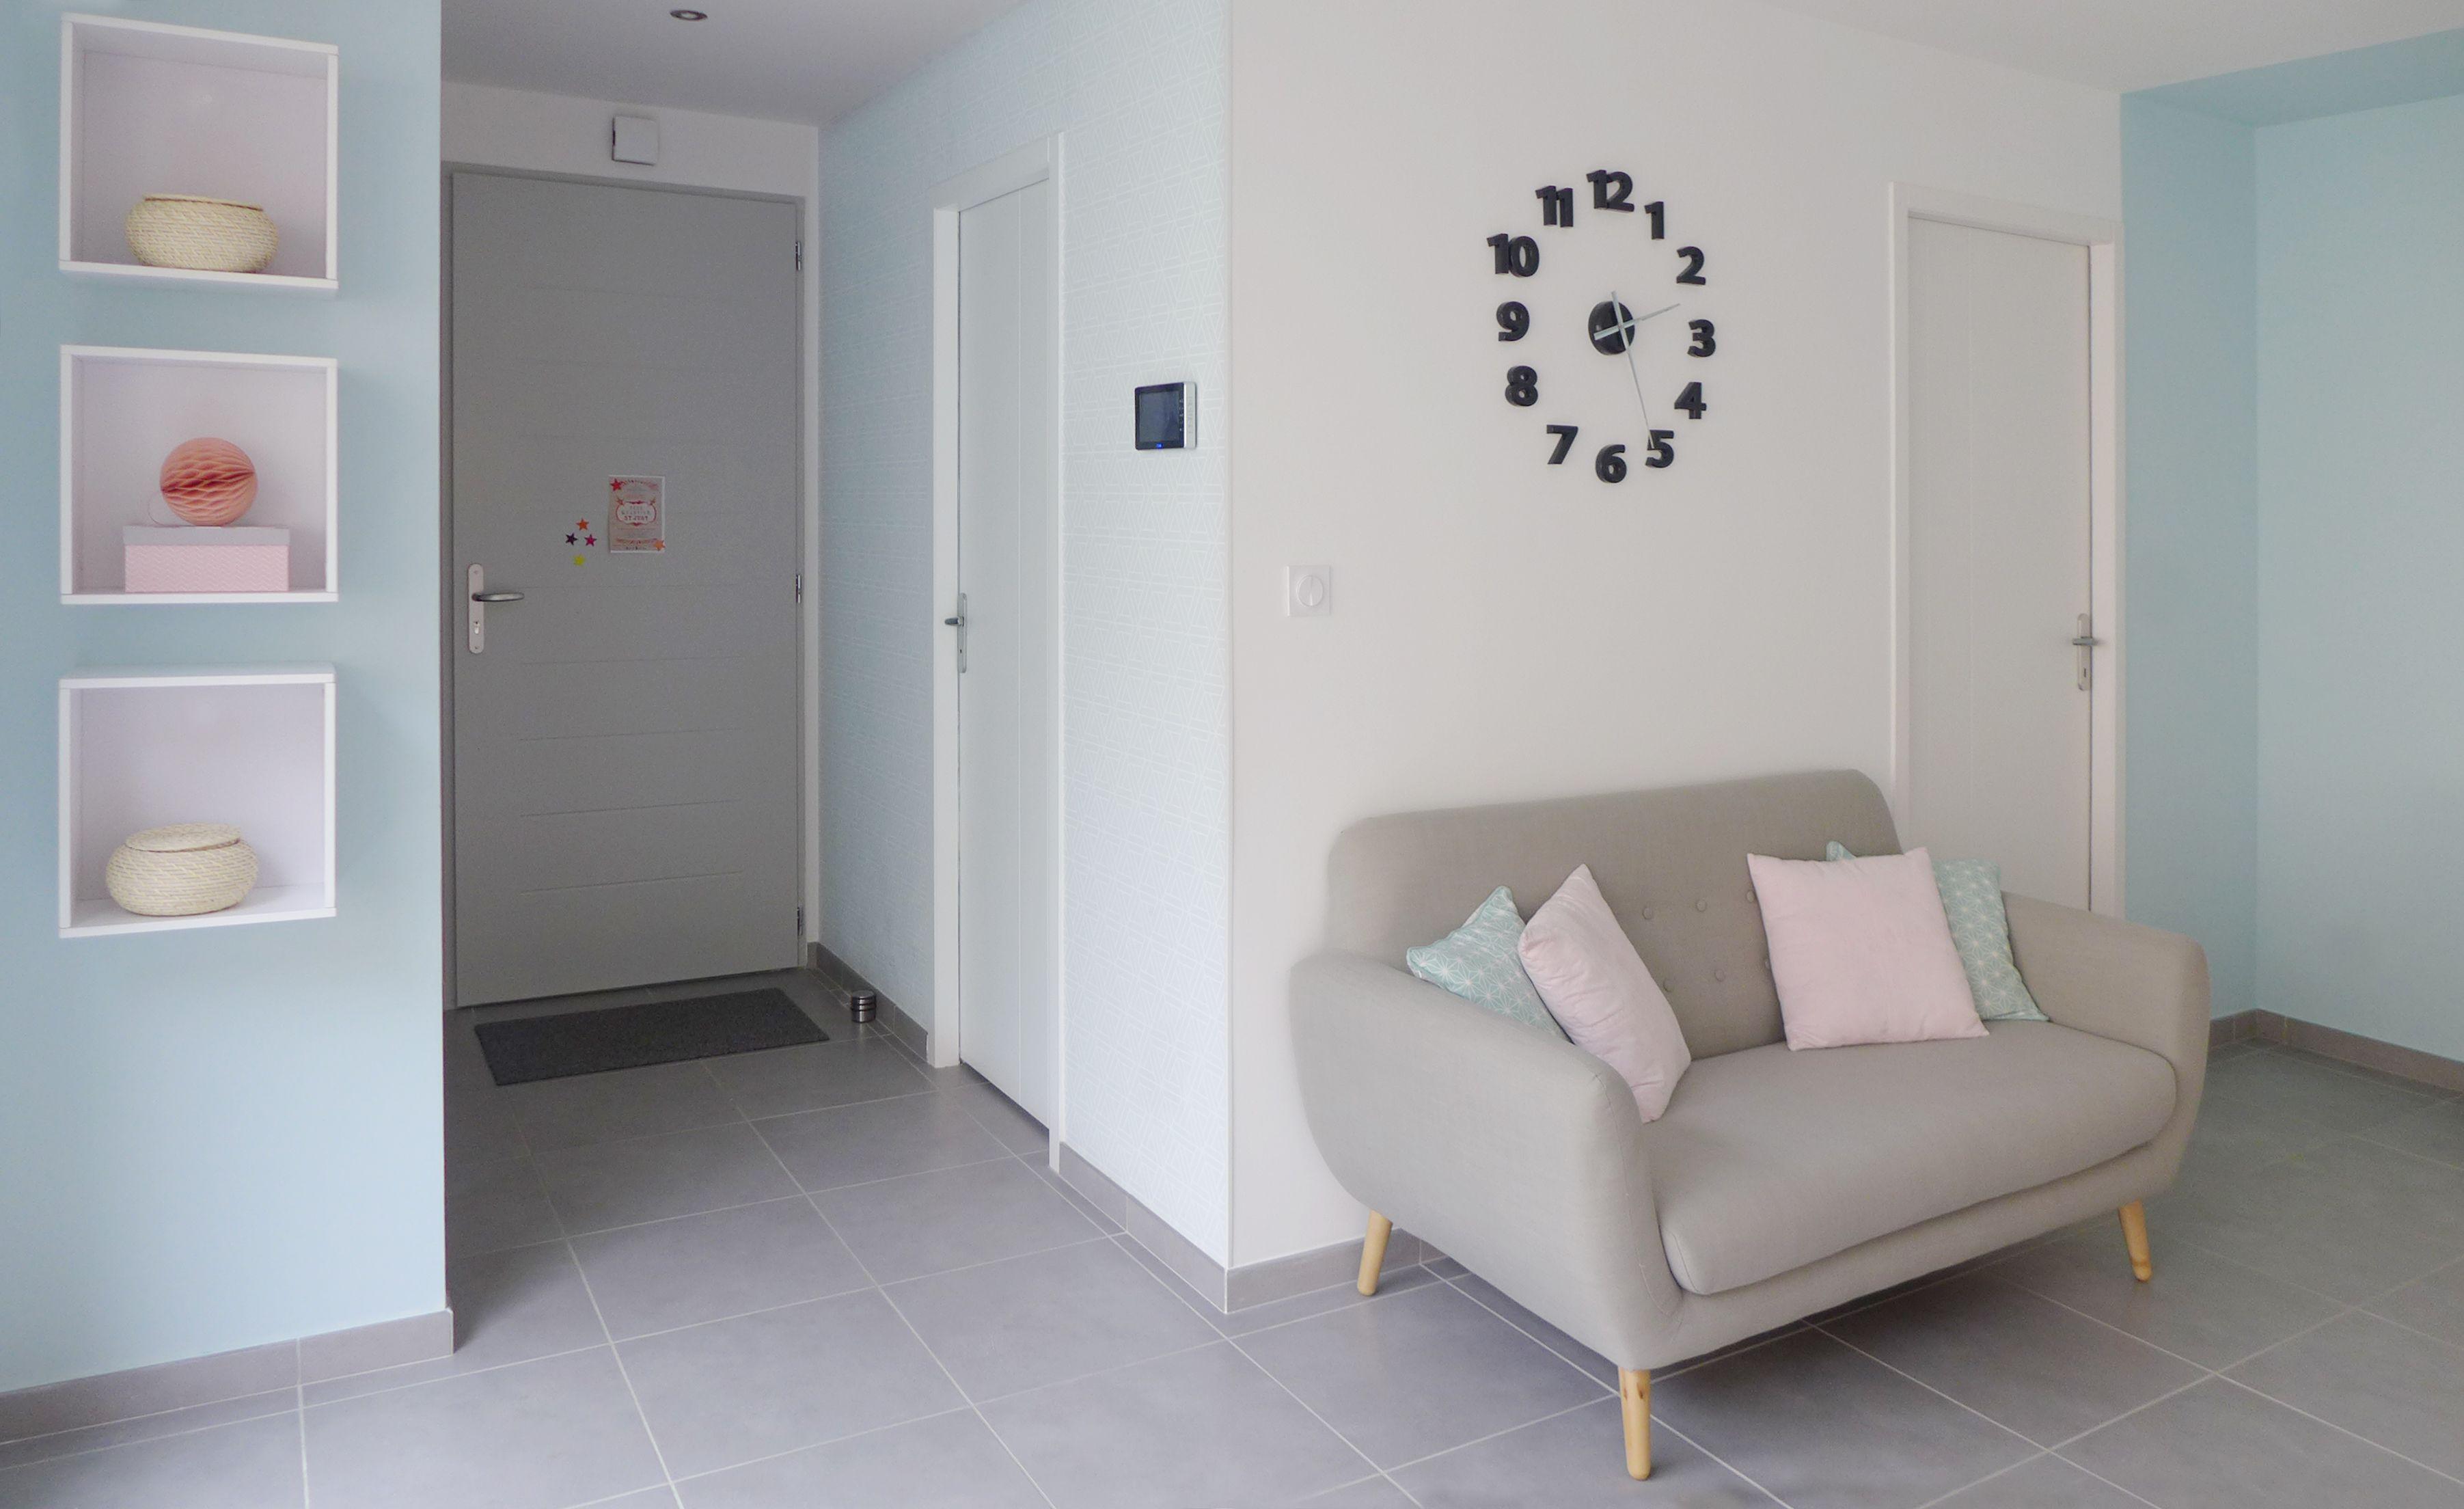 petit coin cocooning dans l 39 entr e r am nag e par l 39 agence d 39 architecture d 39 int rieur et de. Black Bedroom Furniture Sets. Home Design Ideas